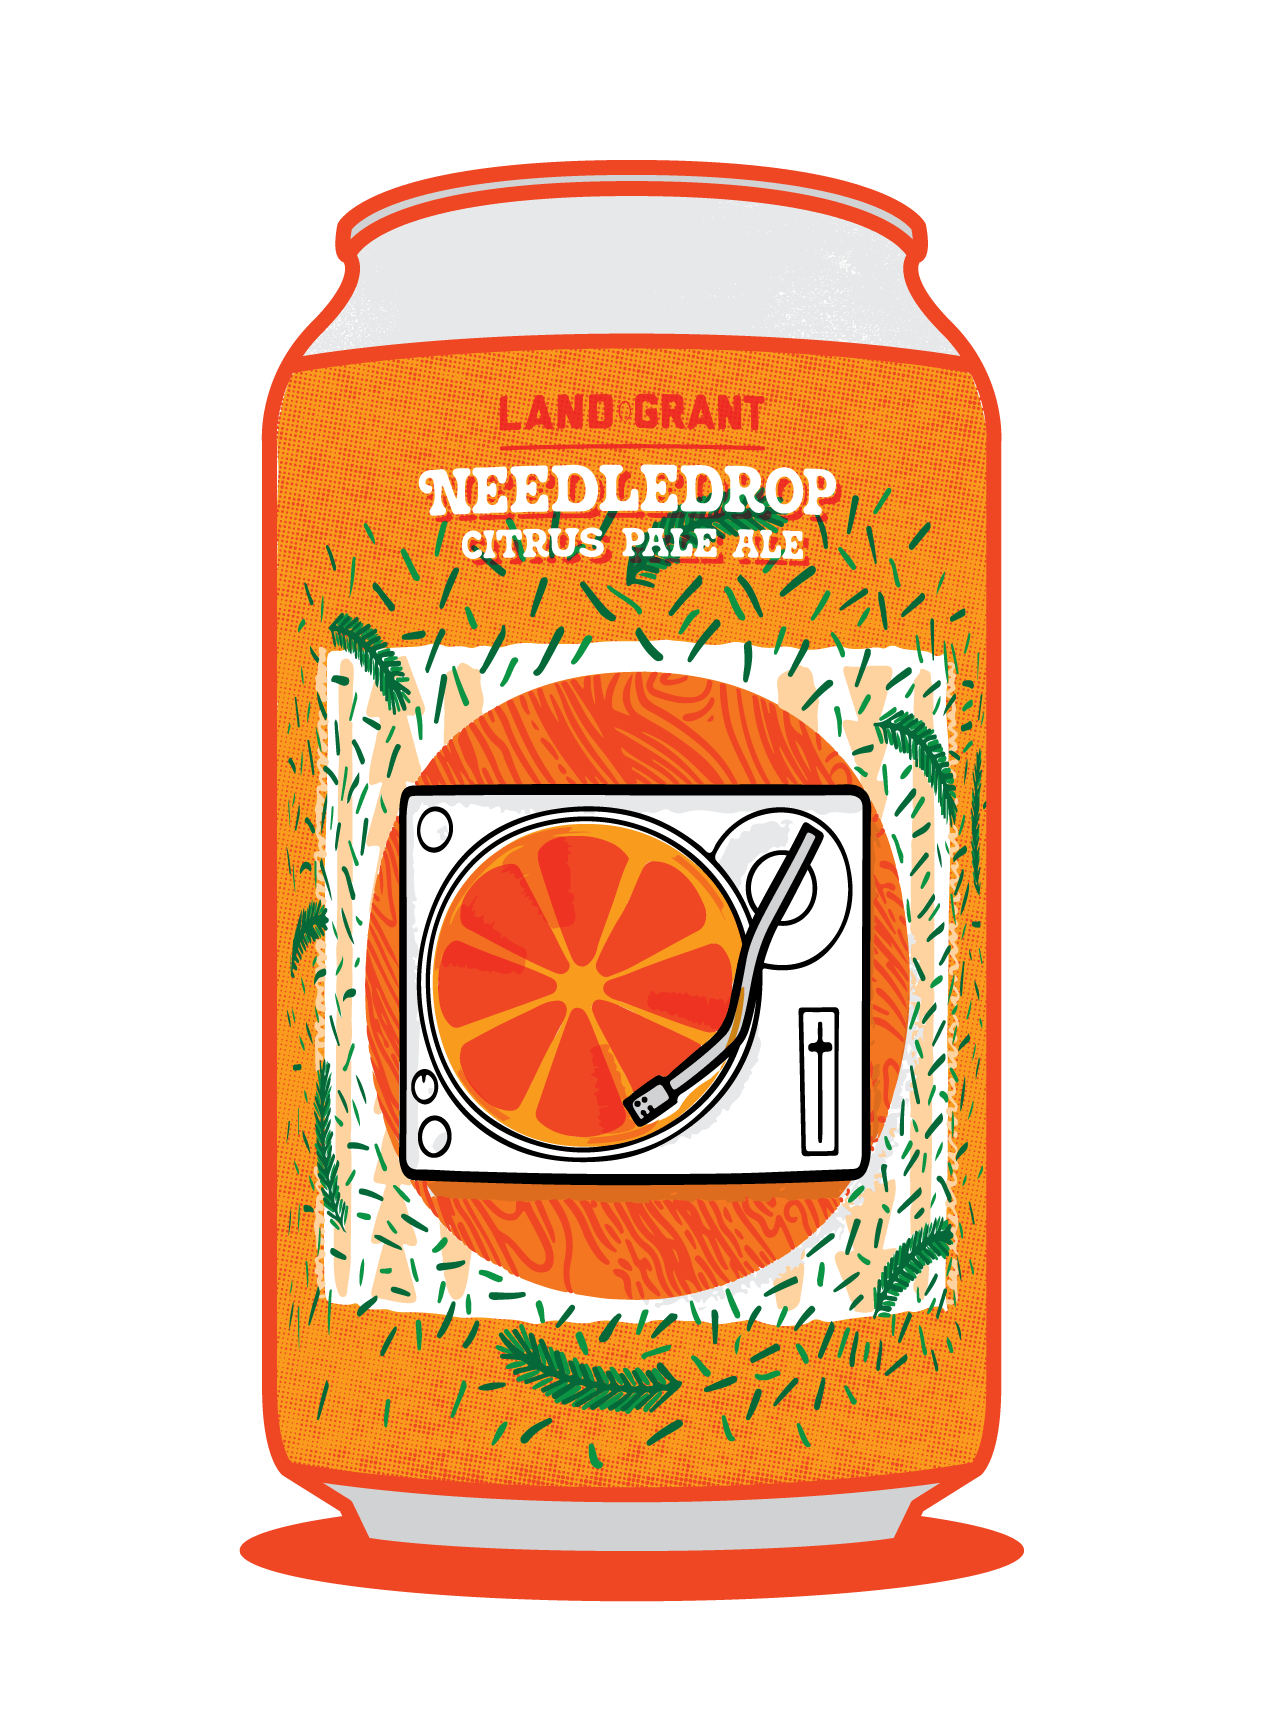 Needledrop Image